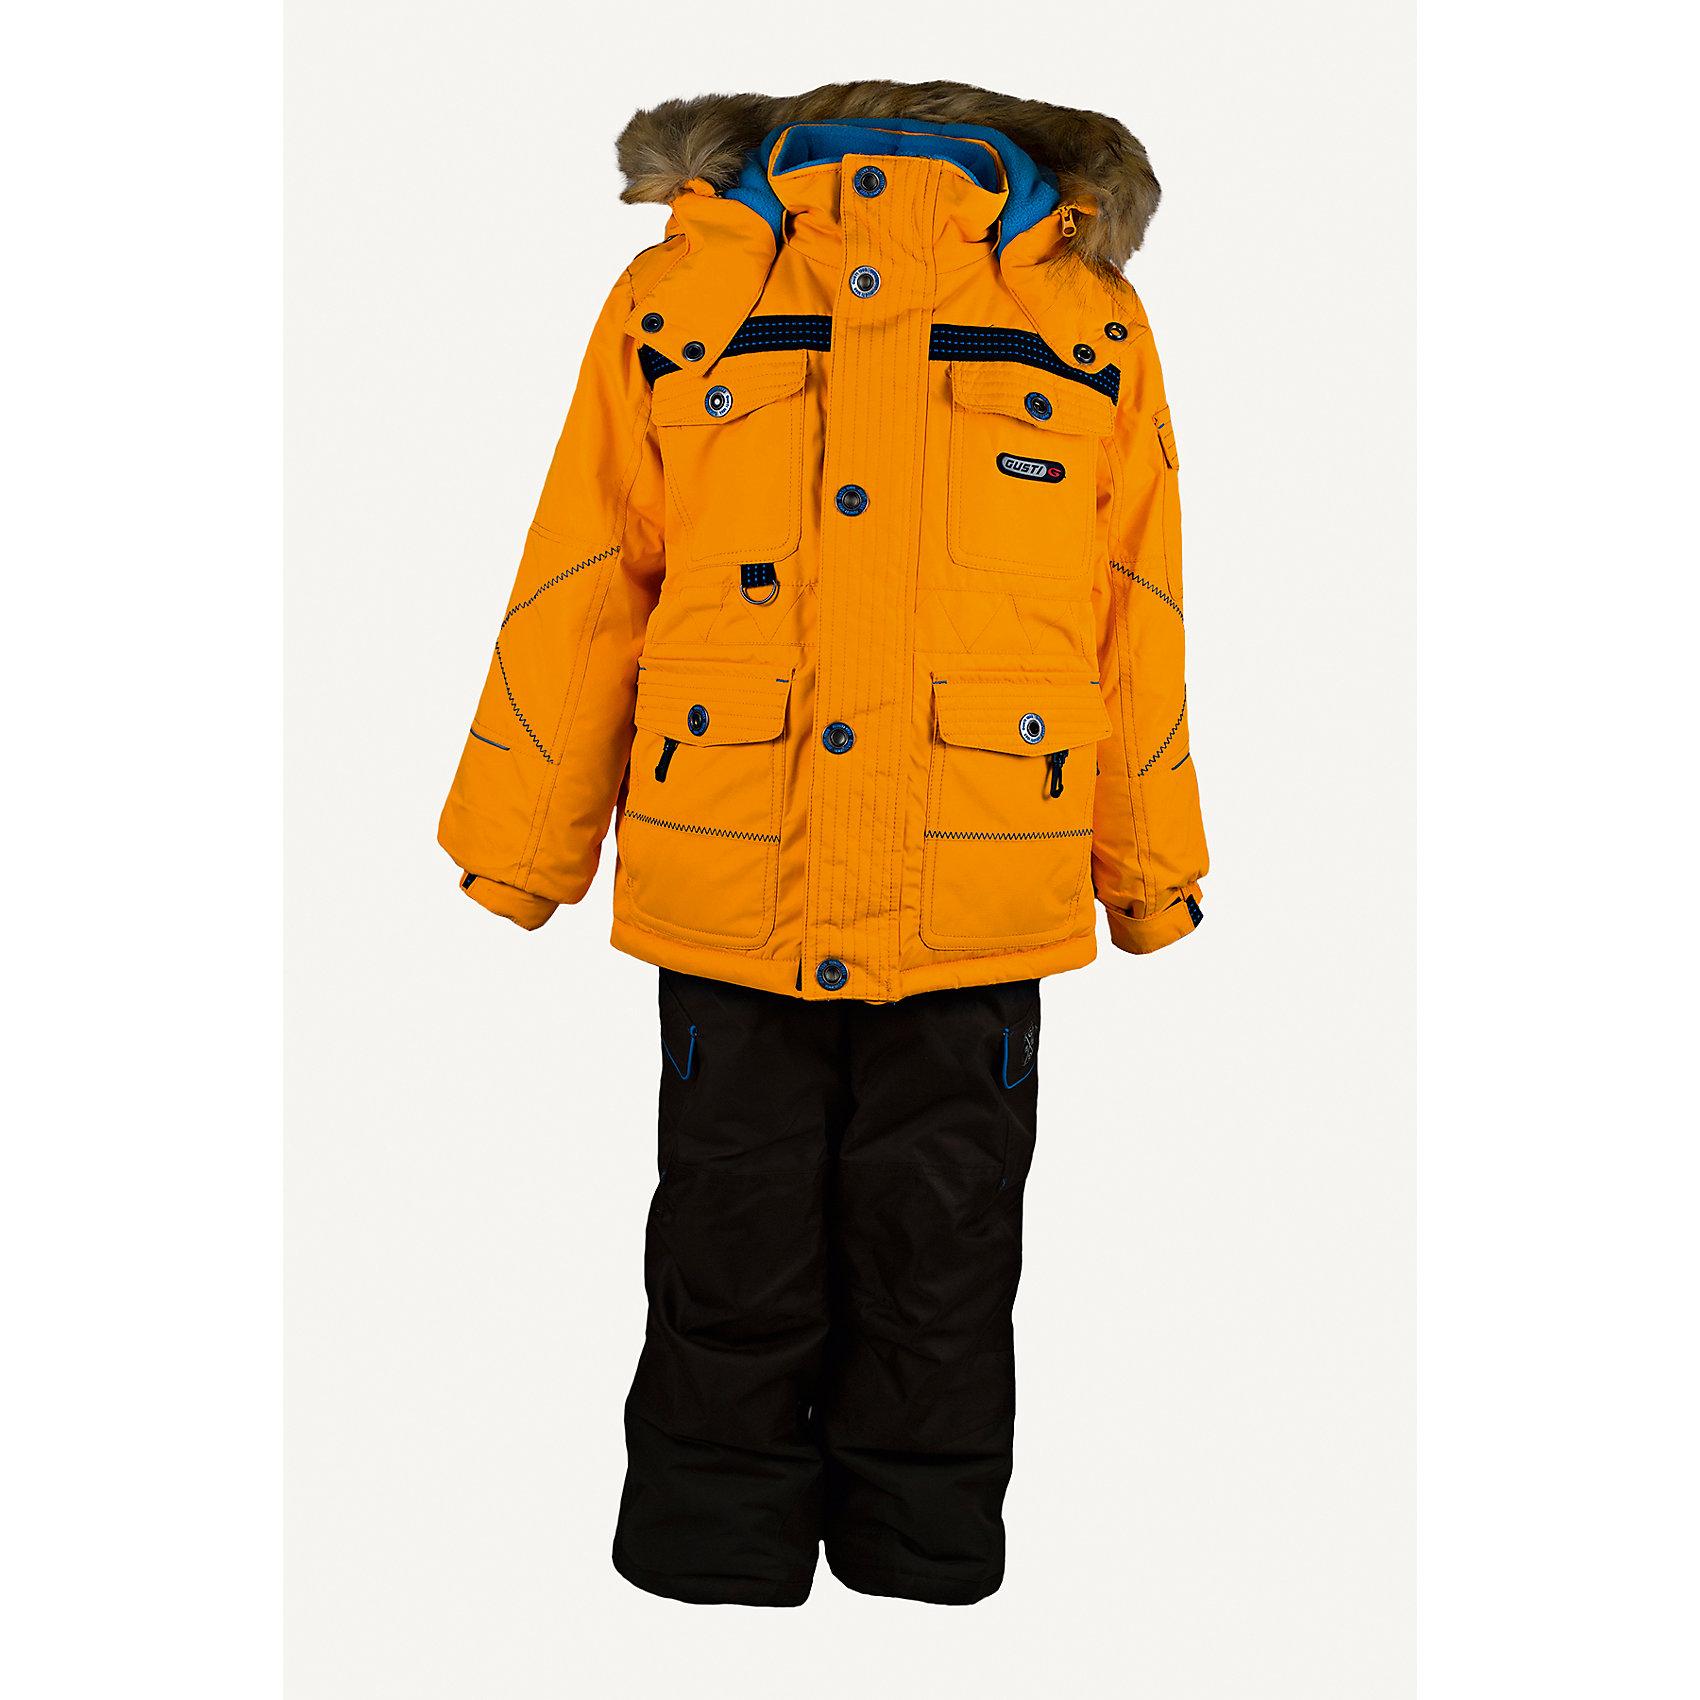 Комплект: куртка и полукомбинезон GUSTIКомплект: куртка и полукомбинезон GUSTI (ГУСТИ) – это идеальный вариант для суровой зимы с сильными морозами.<br><br>Температурный режим: до -30  градусов. Степень утепления – высокая. <br><br>* Температурный режим указан приблизительно — необходимо, прежде всего, ориентироваться на ощущения ребенка. Температурный режим работает в случае соблюдения правила многослойности – использования флисовой поддевы и термобелья.<br><br>Комплект от GUSTI состоит из куртки и полукомбинезона прямого кроя, выполненных из плотного непромокаемого материала с защитной от влаги мембраной 5000 мм. Тань хорошо сохраняет тепло, отталкивает влагу и позволяет коже ребенка дышать. Утеплитель из тек-полифилла и флисовая внутренняя отделка на груди и на спинке дают возможность использовать комплект при очень низких температурах. Куртка застегивается на молнию с ветрозащитной планкой, имеет четыре накладных кармана с клапанами, два внутренних кармана на молнии, снегозащитную юбку, трикотажные манжеты в рукавах, высокий ворот с защитой подбородка, отстёгивающийся прилегающий капюшон с флисовой подкладкой и оторочкой из искусственного меха. Низ рукавов регулируется с помощью липучек. Полукомбинезон застегивается на молнию, имеет два накладных кармана с клапанами, регулируемые лямки, снегозащитные гетры. Длина брючин регулируется (отворот с креплением на липе). Сзади, на коленях, и по низу брючин имеется дополнительный слой ткани Cordura Oxford (сверхстойкий полиэстер). До размера 6х (120 см) у полукомбинезона высокая грудка, в размерах 7 (122 см) -14 (164см) отстегивающаяся спинка, грудки нет.<br><br>Дополнительная информация:<br><br>- Пол: мальчик<br>- Цвет: желтый, серый<br>- Узор: однотонный<br>- Температурный режим до -30 градусов<br>- Материал верха: куртка - shuss 5000мм (100% полиэстер); брюки - taslan 5000мм, накладки Cordura Oxford сзади, на коленях, и по низу брючин<br>- Наполнитель: куртка - тек-полифилл плотностью 283 гр/м (10 унций) 100% полиэст